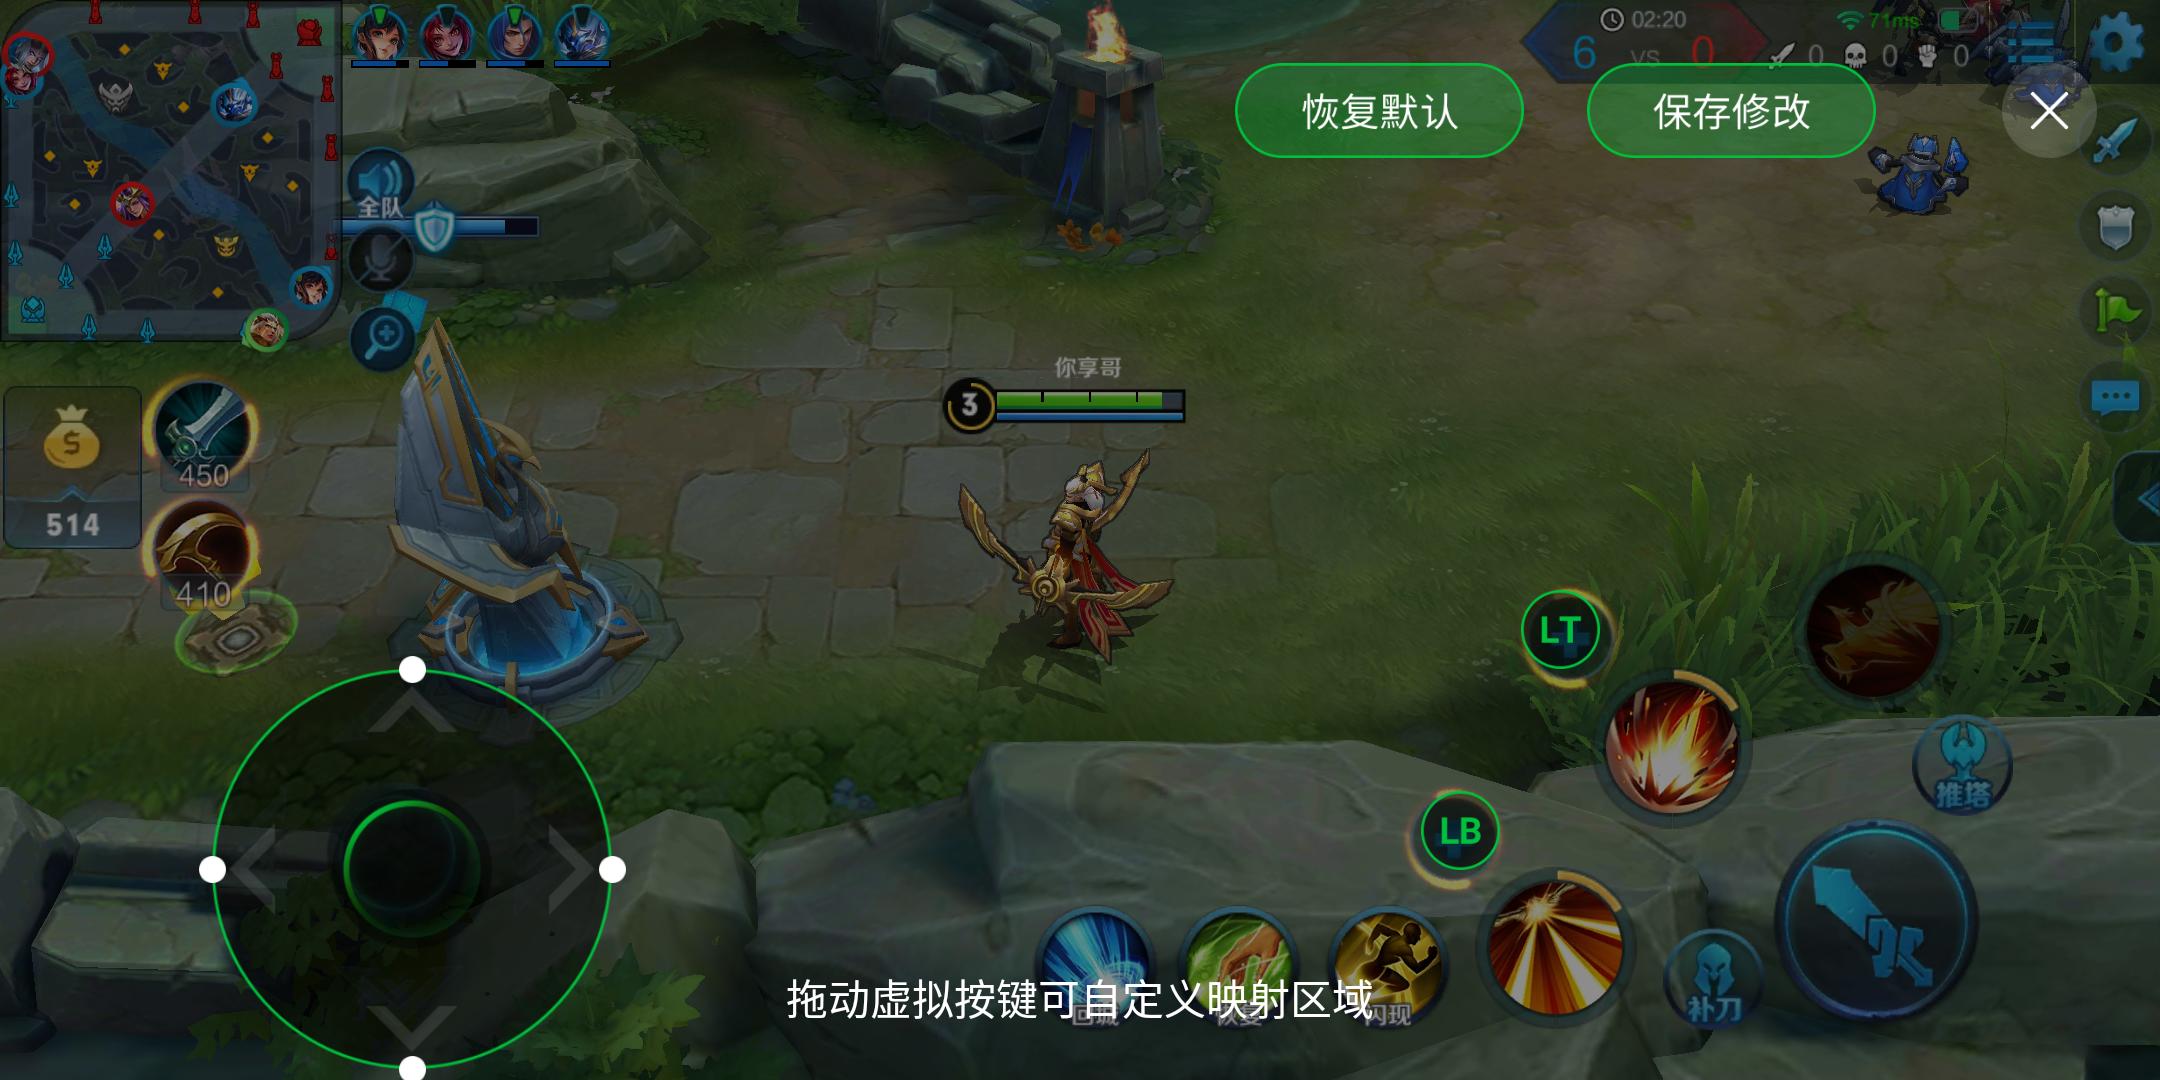 Screenshot_2018-06-05-14-39-27-122_com.tencent.tmgp.sgame.png